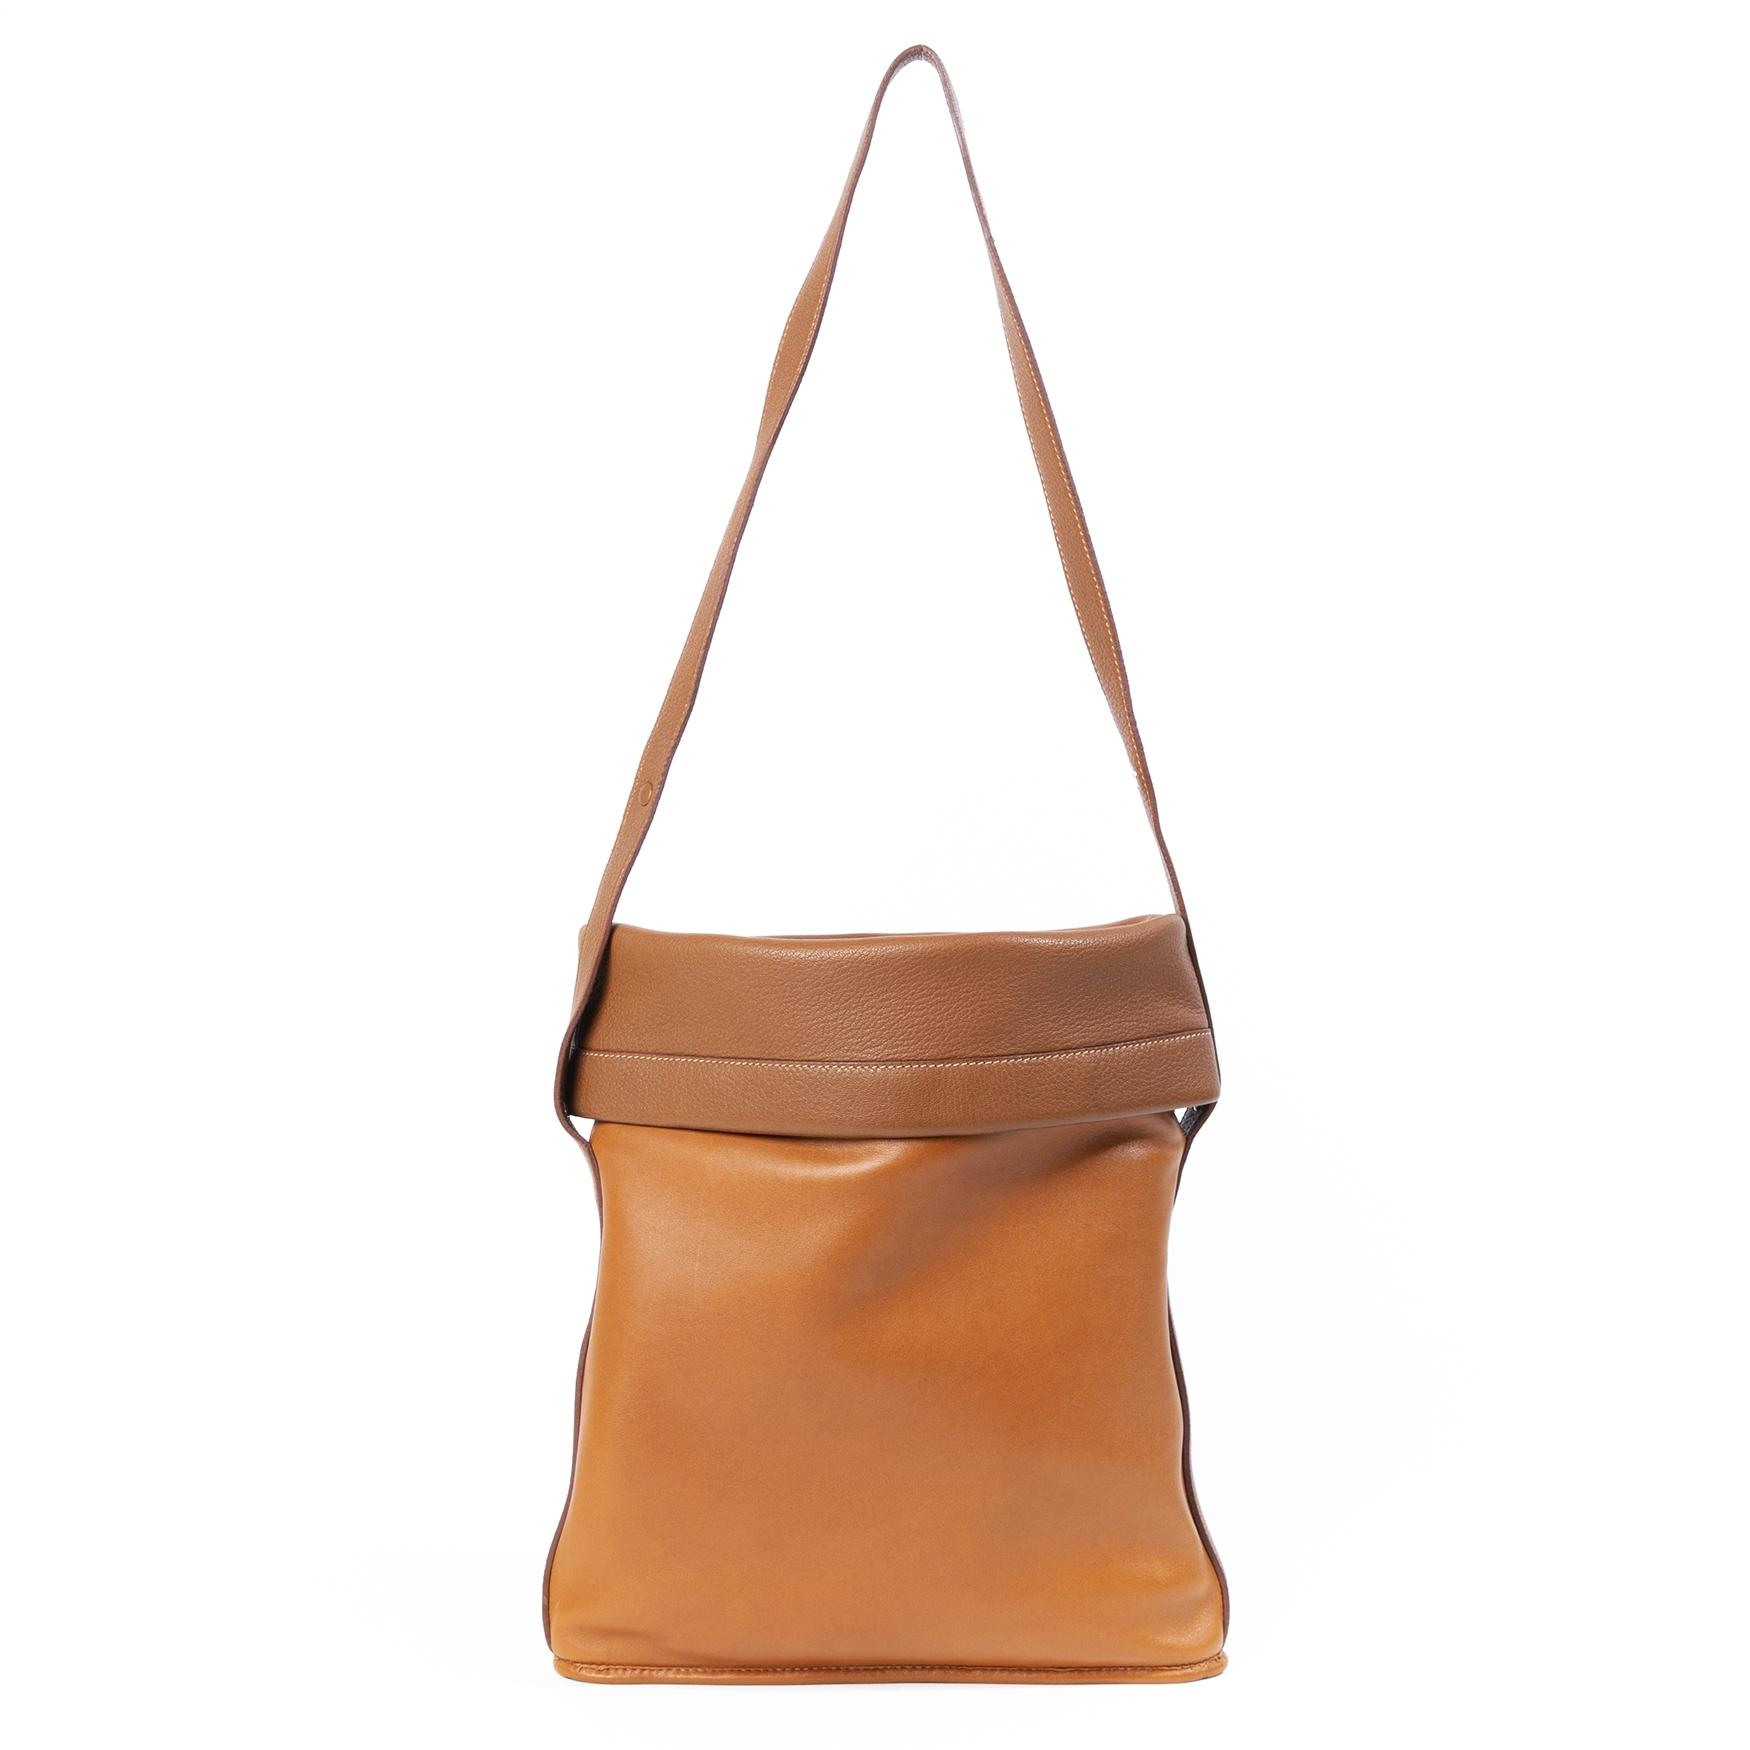 Hermès gold havre shoulder bag now for sale at labellov vintage fashion webshop belgium